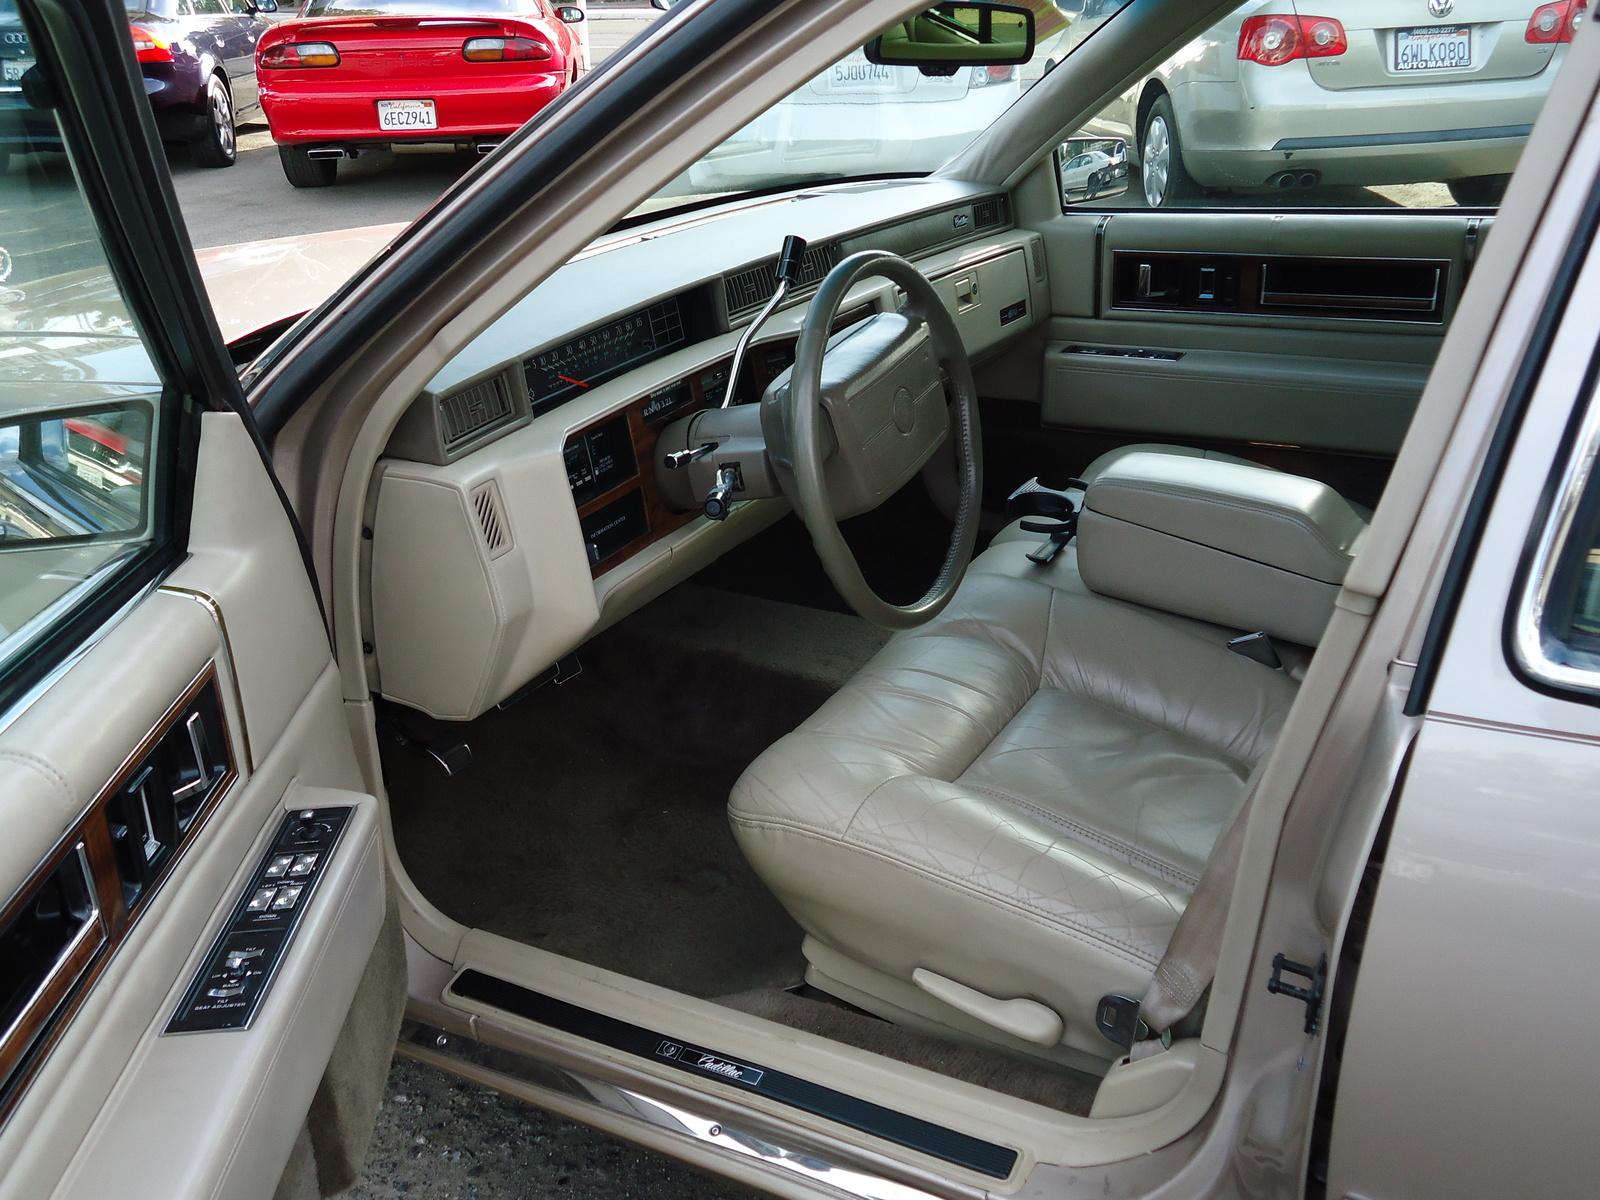 1993 Cadillac Deville Pictures Cargurus